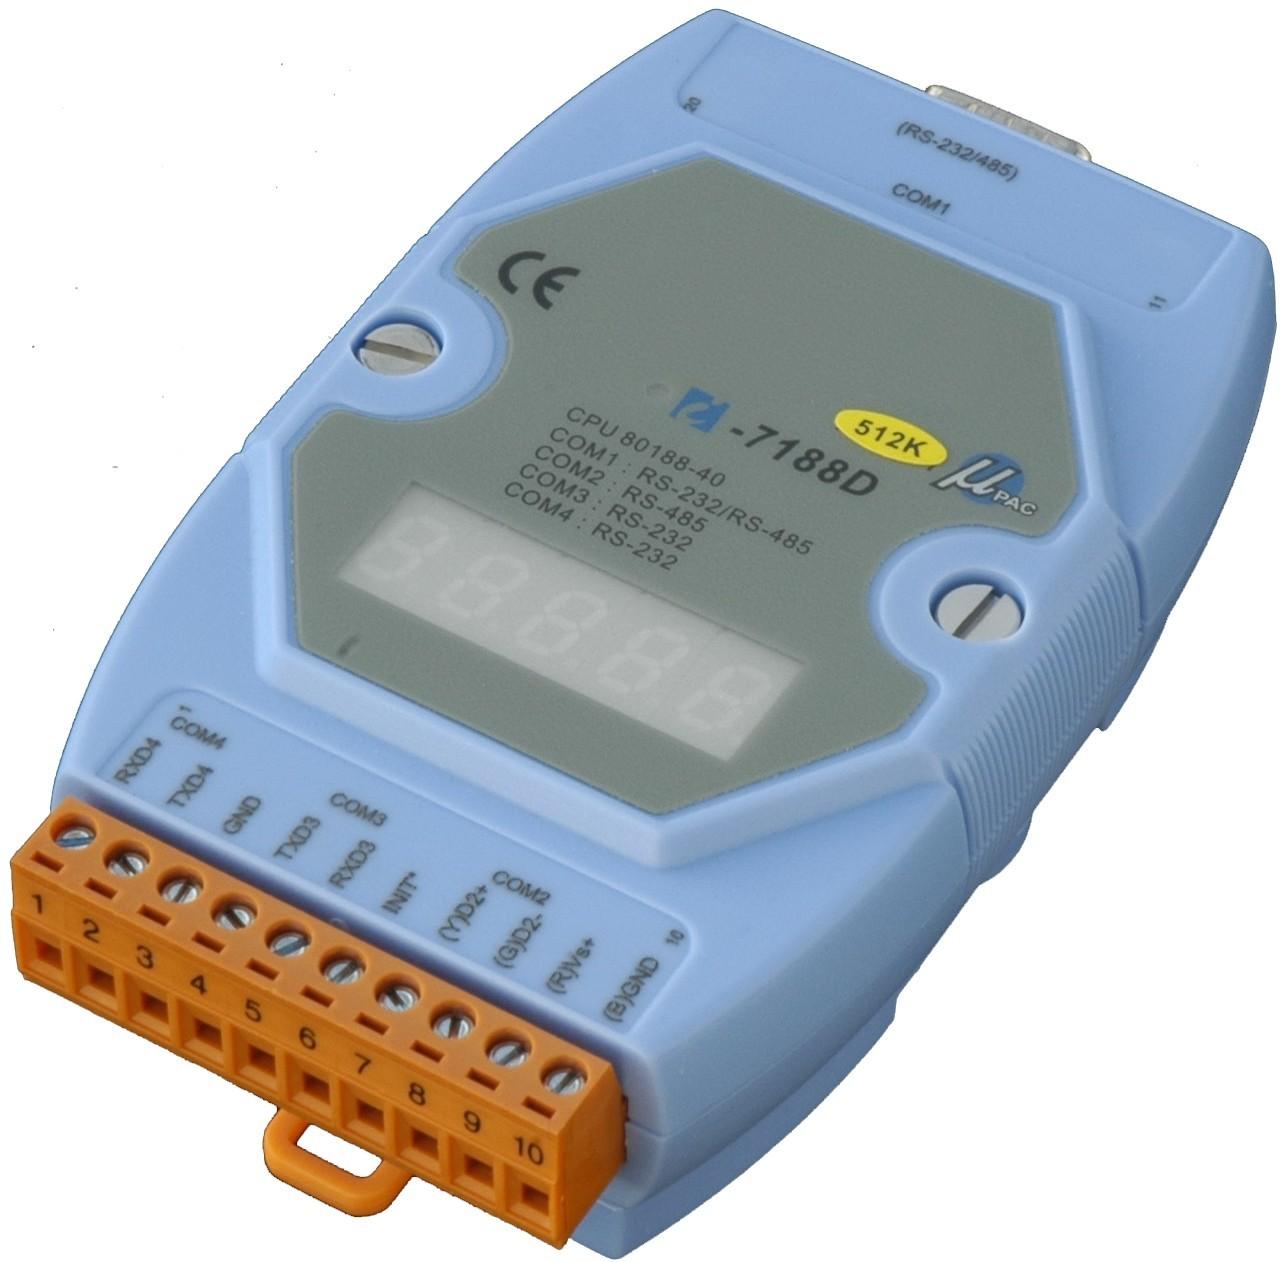 Mini OS7